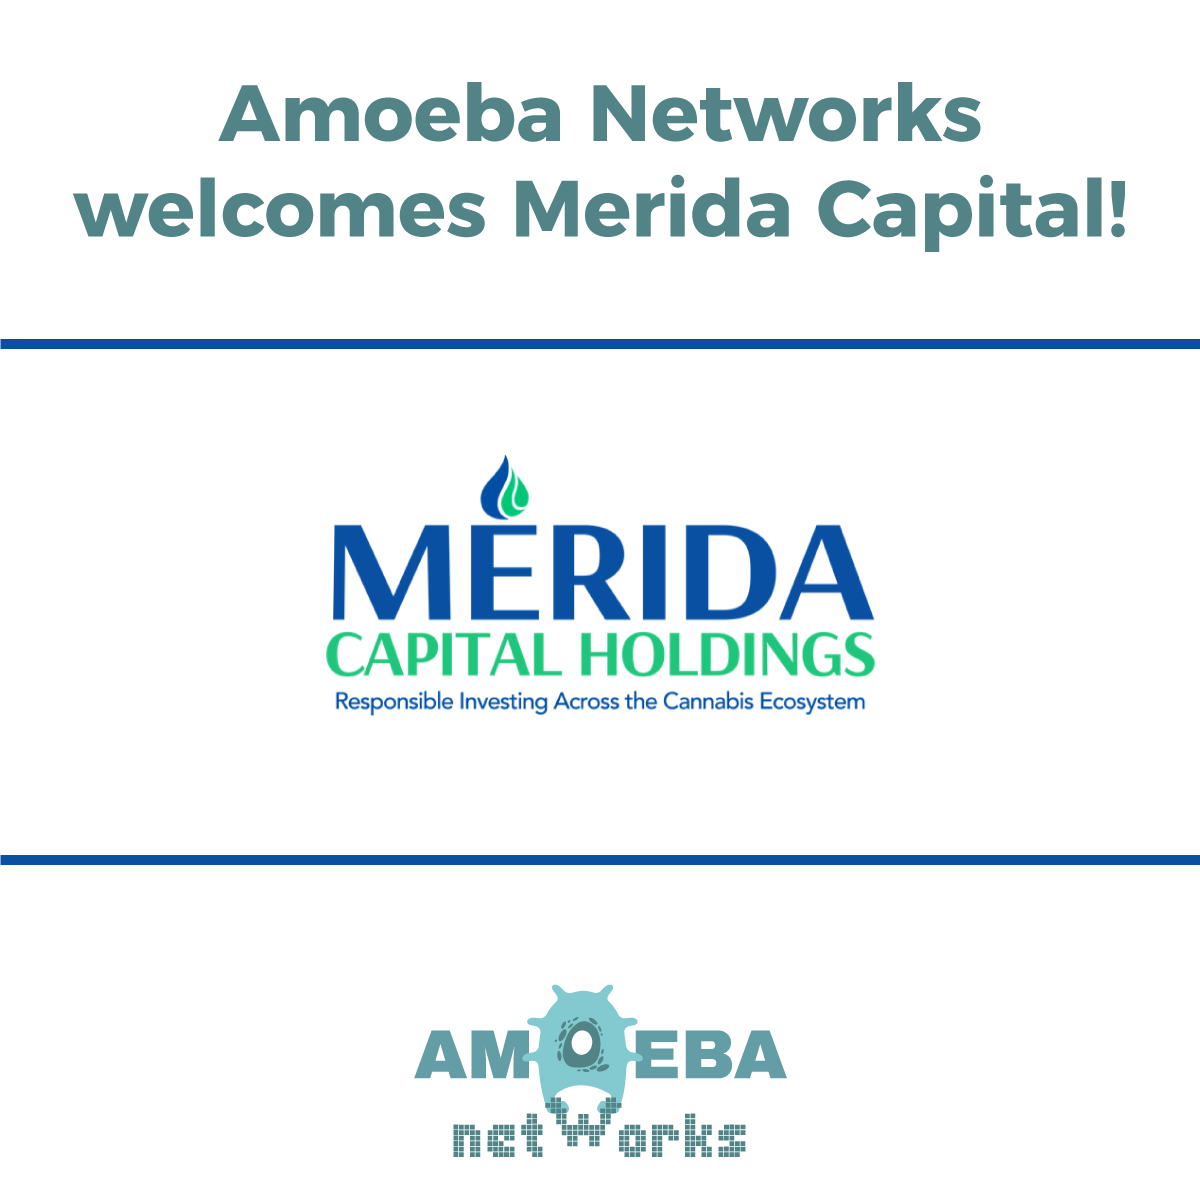 Amoeba Networks welcomes Merida Capital